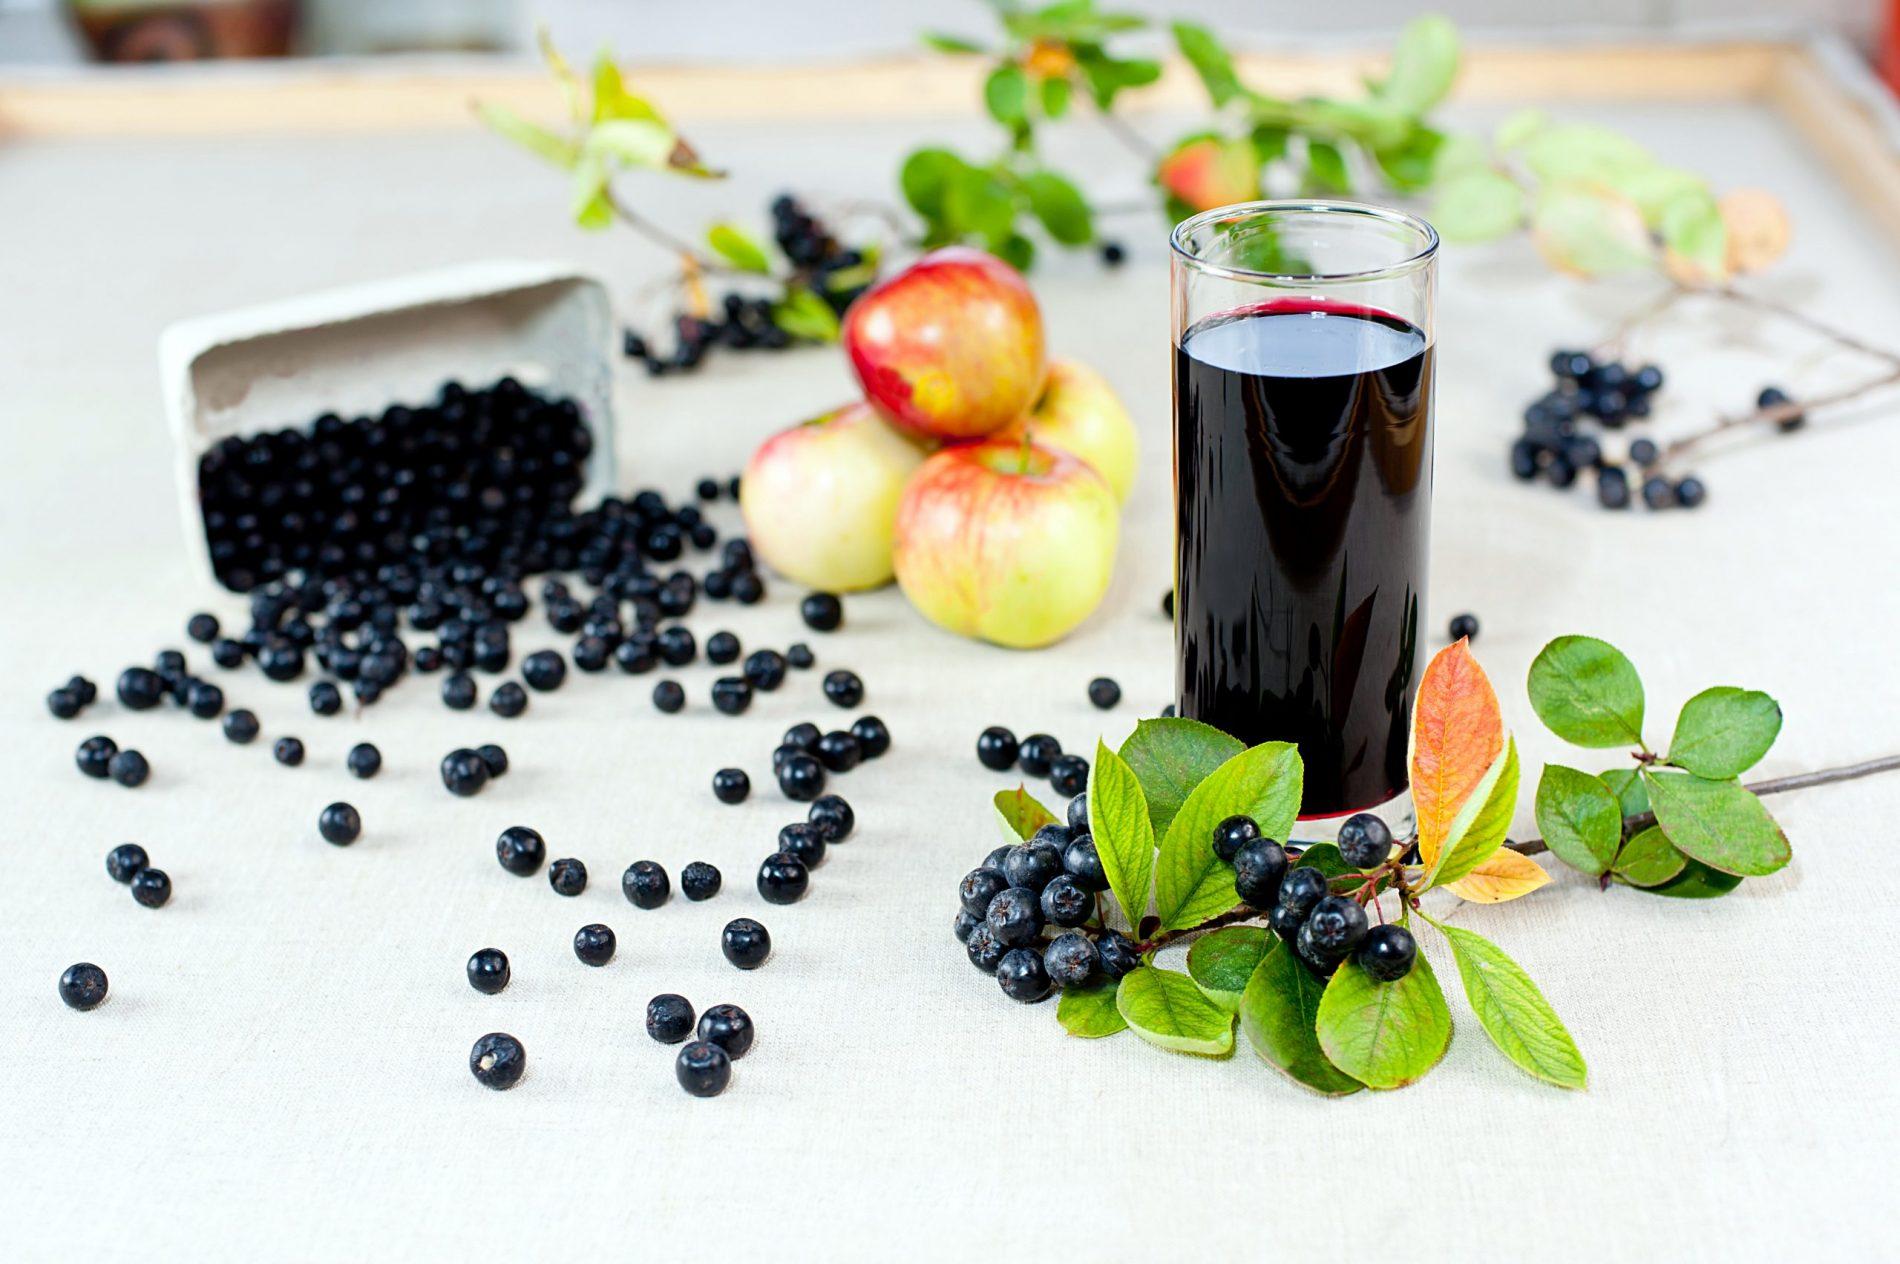 Ce este aronia ? Despre arbustul cu fructe-minune